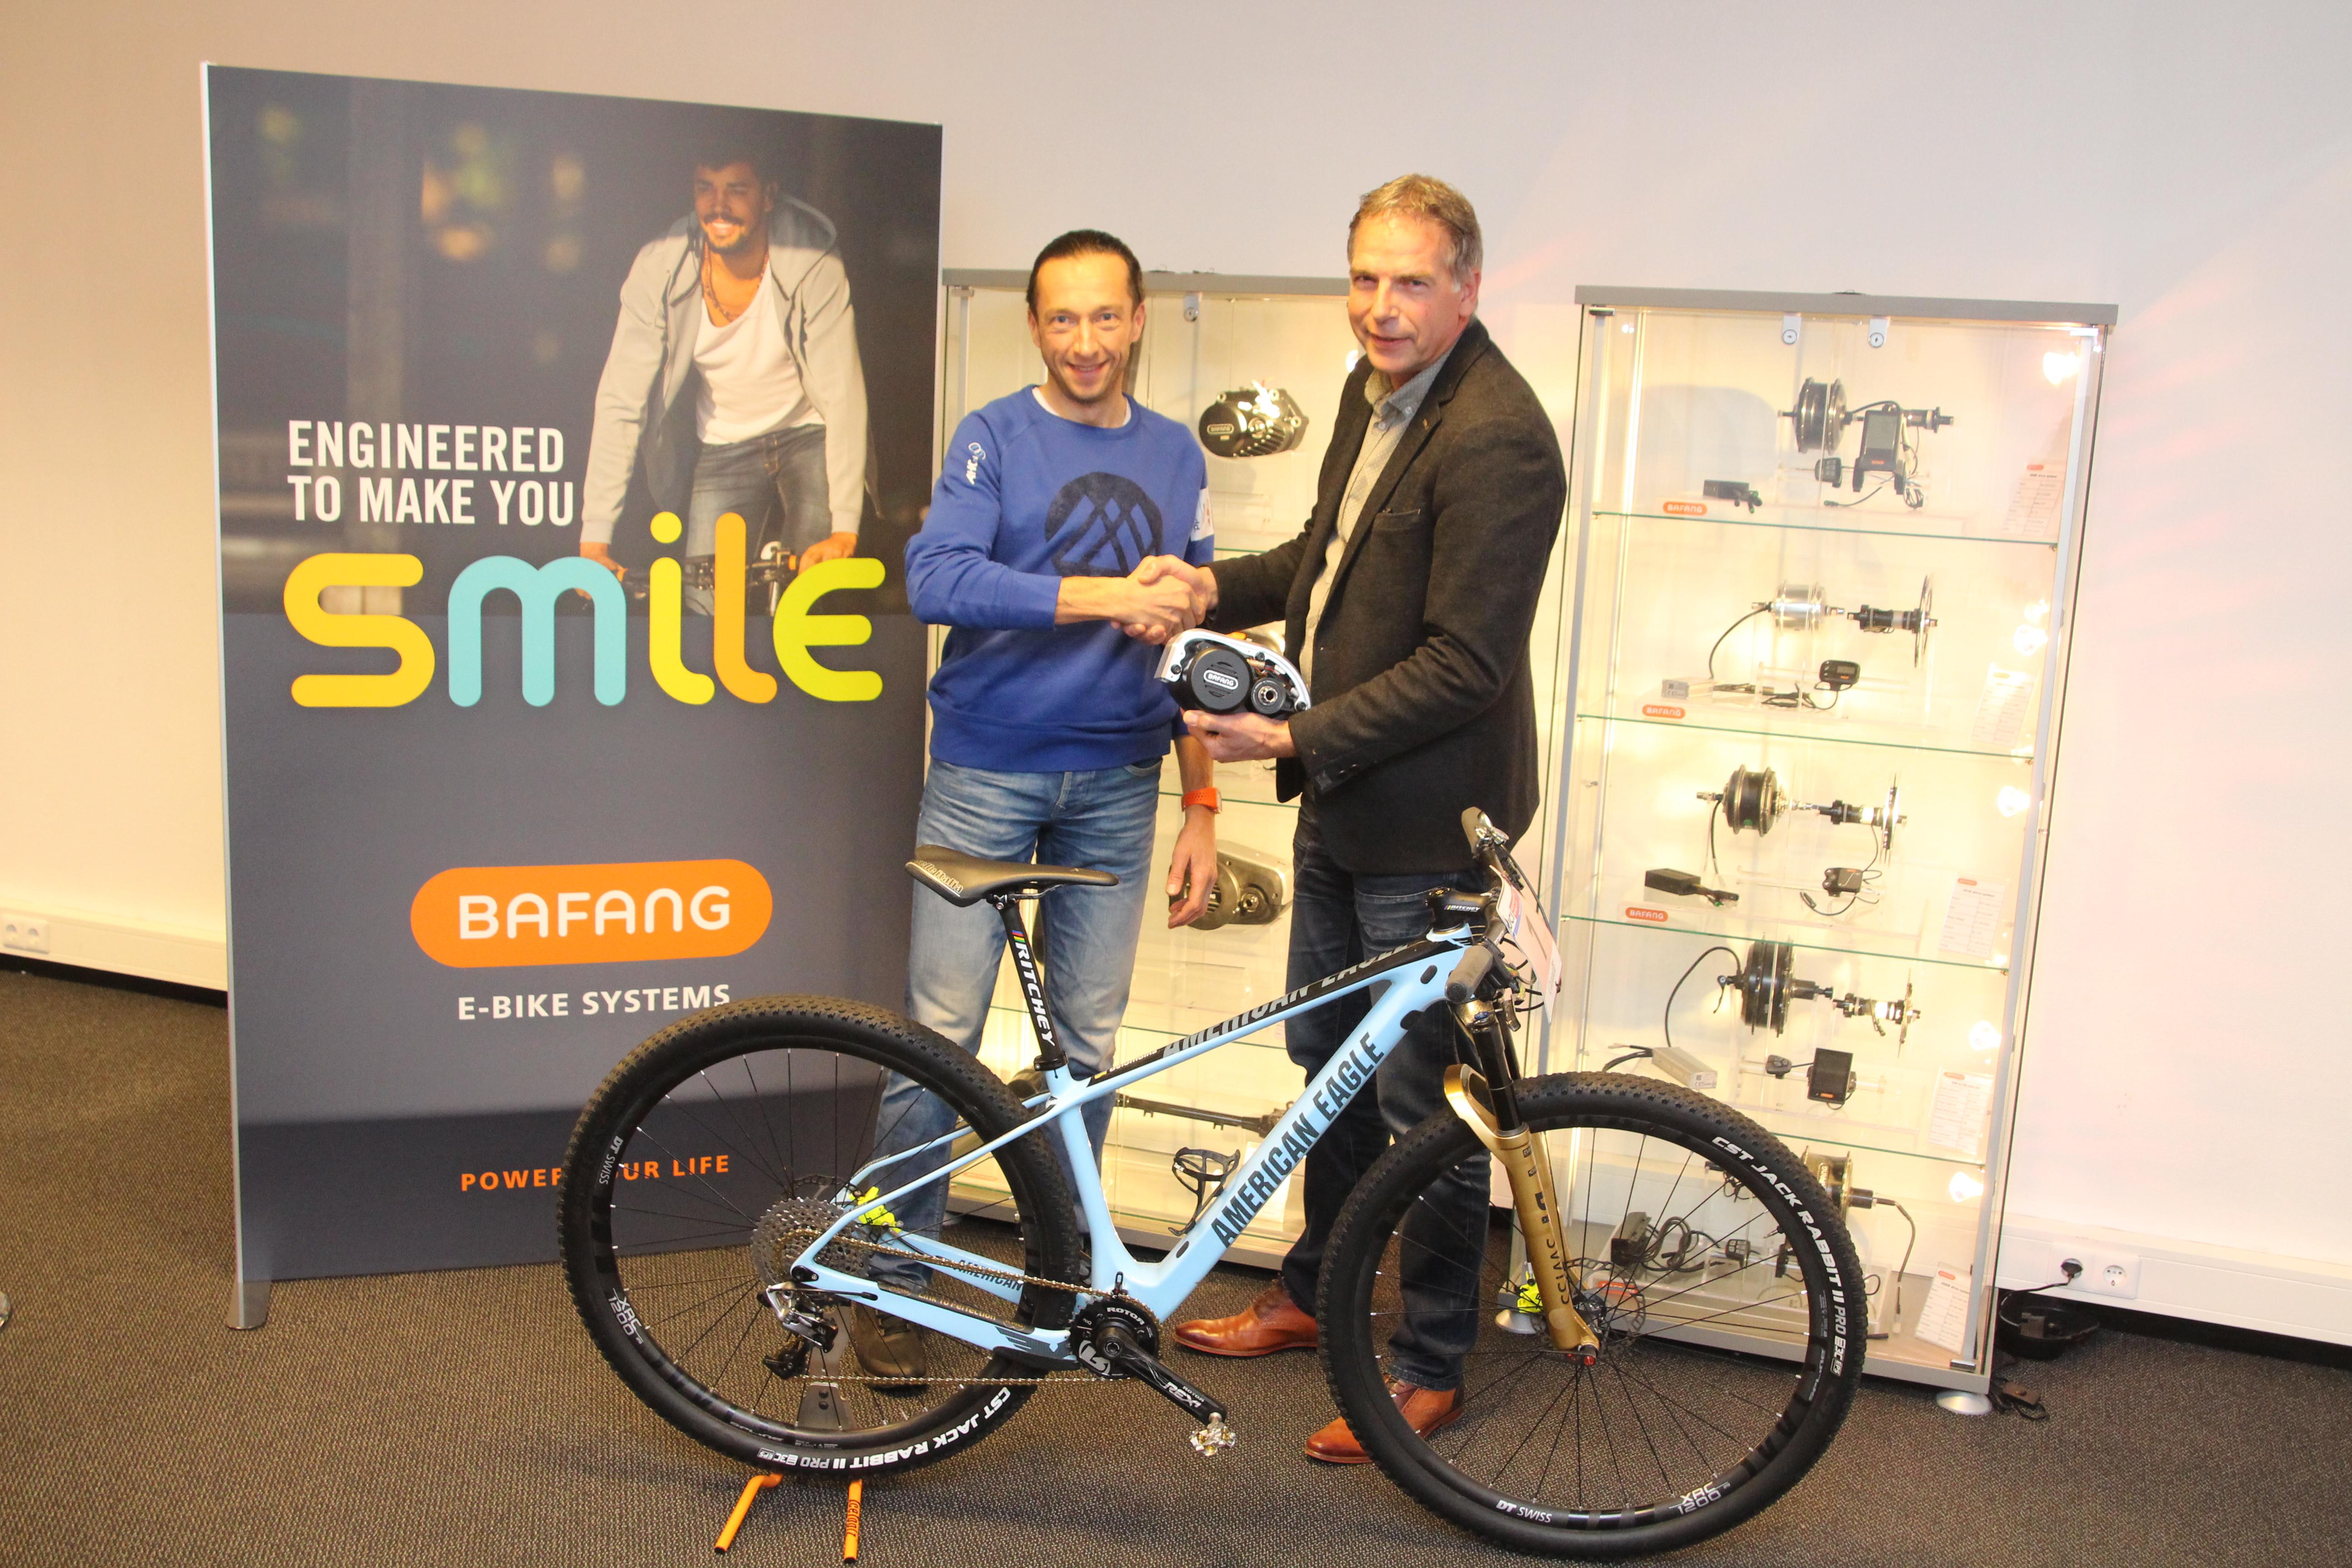 Bafang is nieuwe naamsponsor van Brentjens MTB racing team